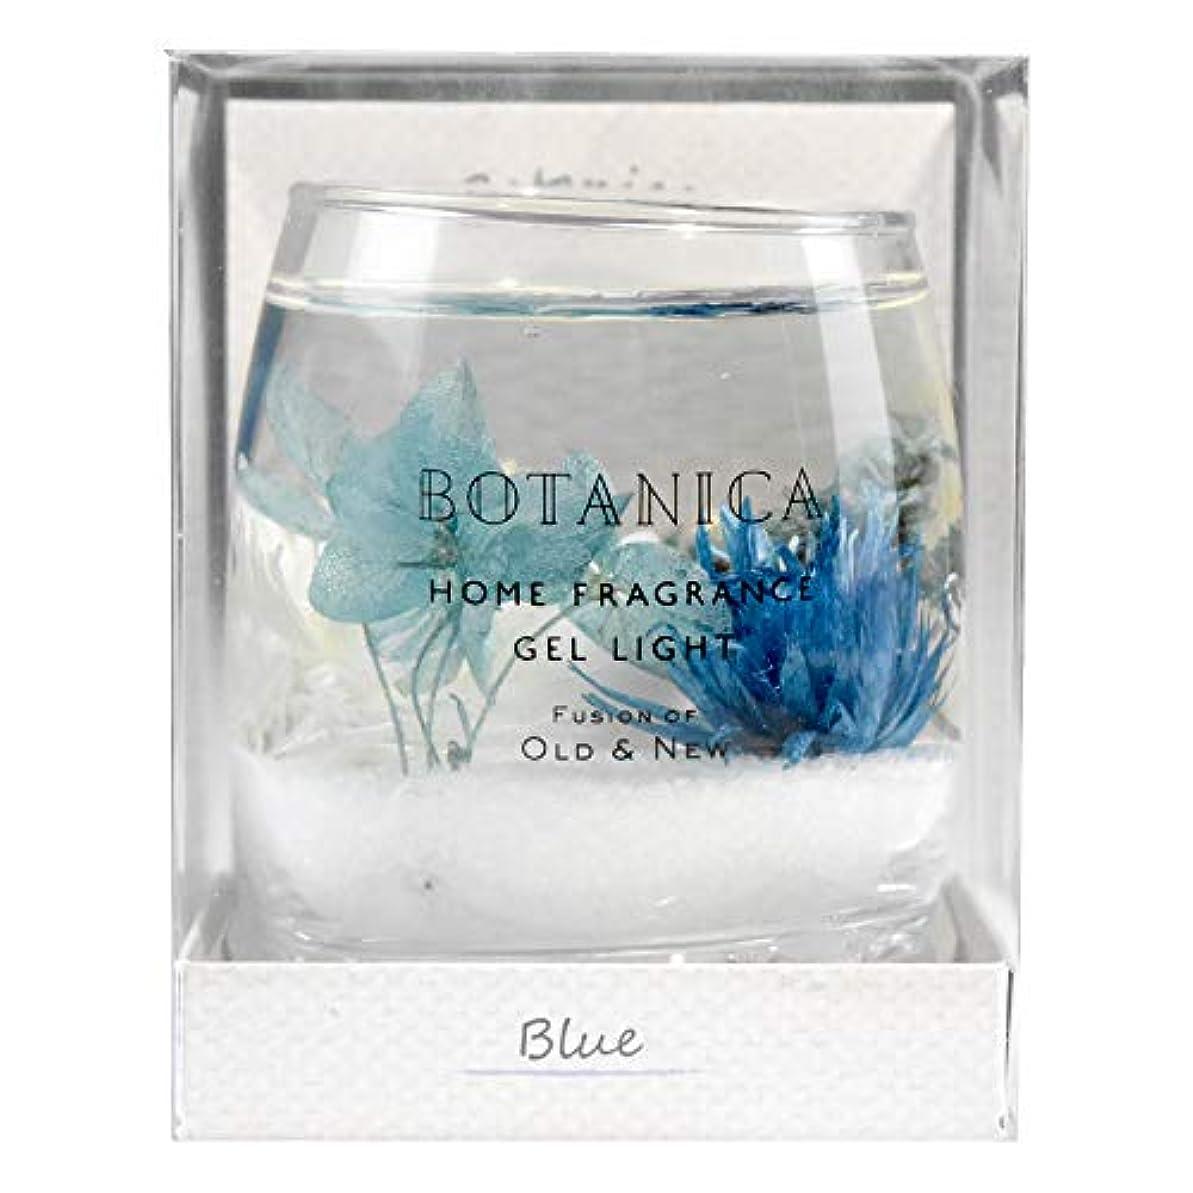 水没疲れた粘り強いボタニカ アロマジェルライト LED ルームフレグランス (ブルー) インテリアフラワー 芳香 アロマ インテリアグリーン キャンドルライト プレセント ギフト